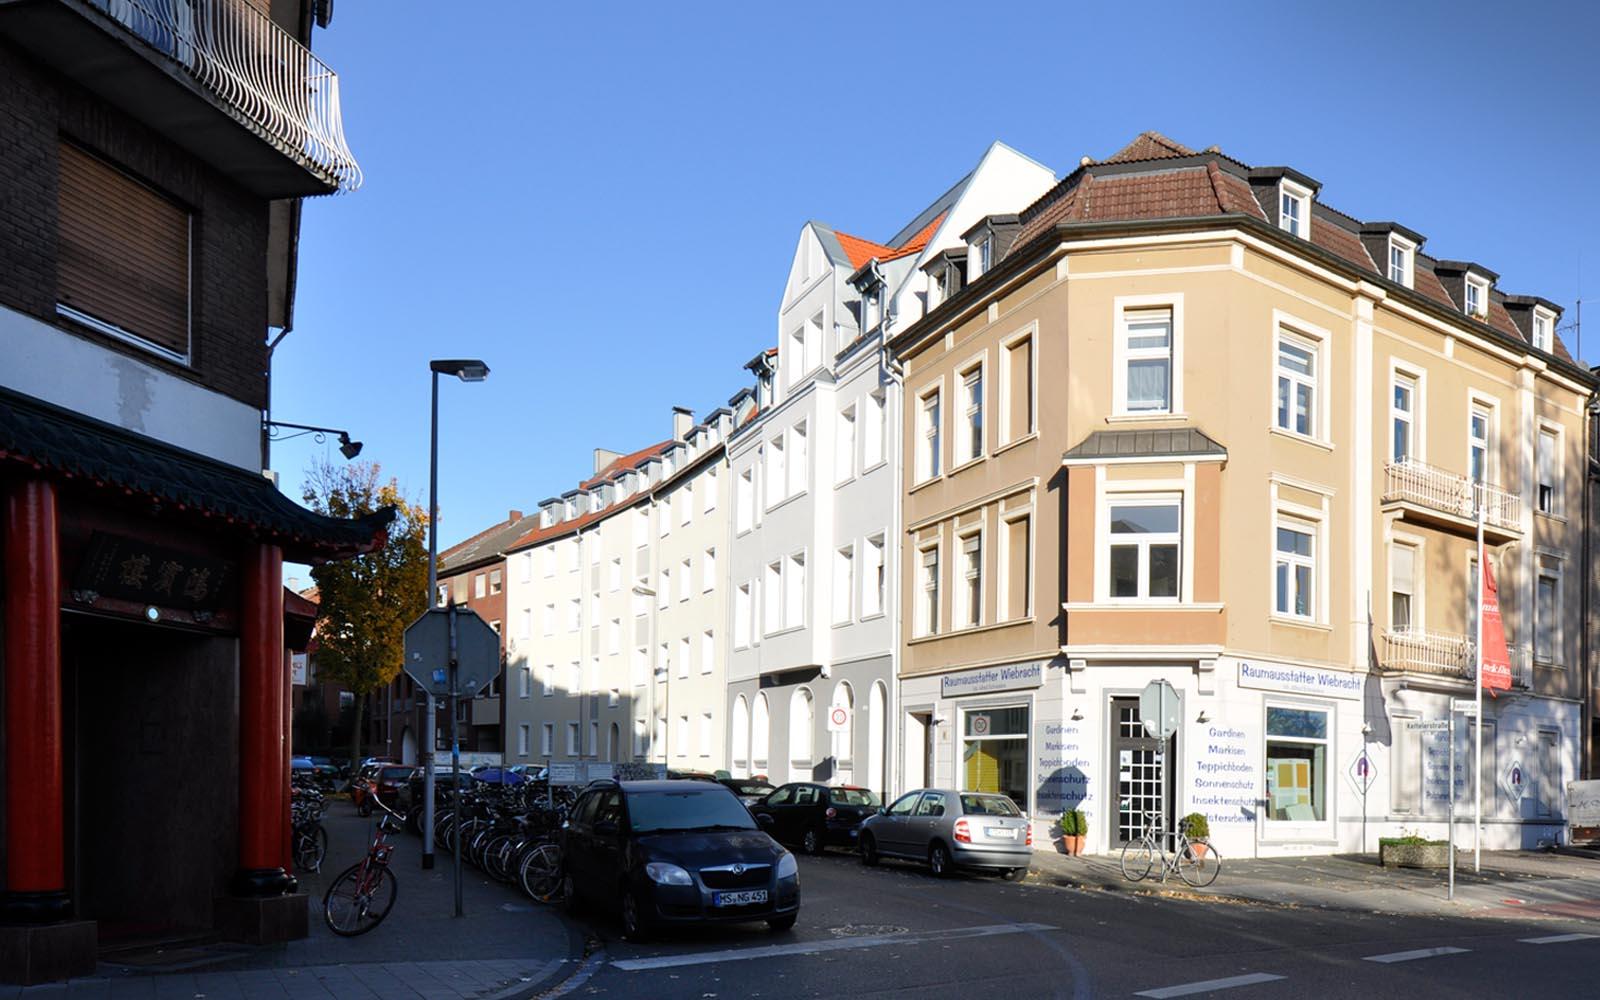 KUK_SteinwegClausArchitekten_Mehrfamilienhaus_Wärmeschutz_Sanierung_Muenster_00003